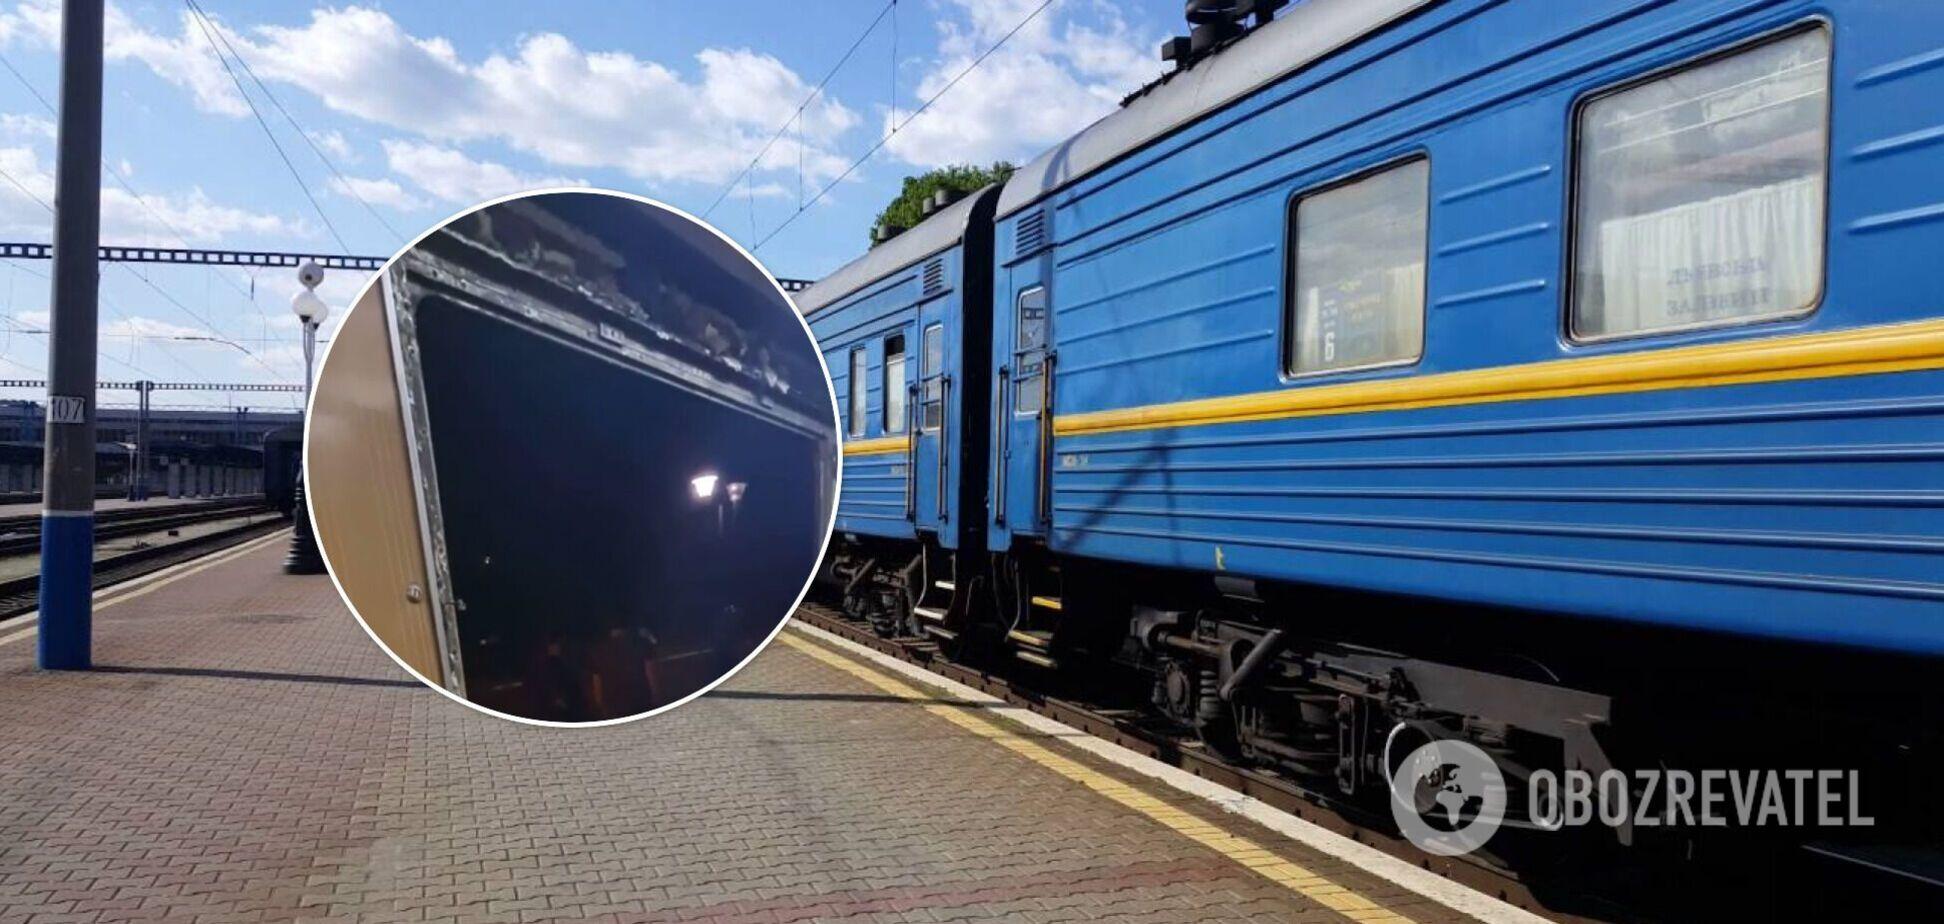 У поїзді 'Укрзалізниці' під час руху виявили, що випало вікно. Відео